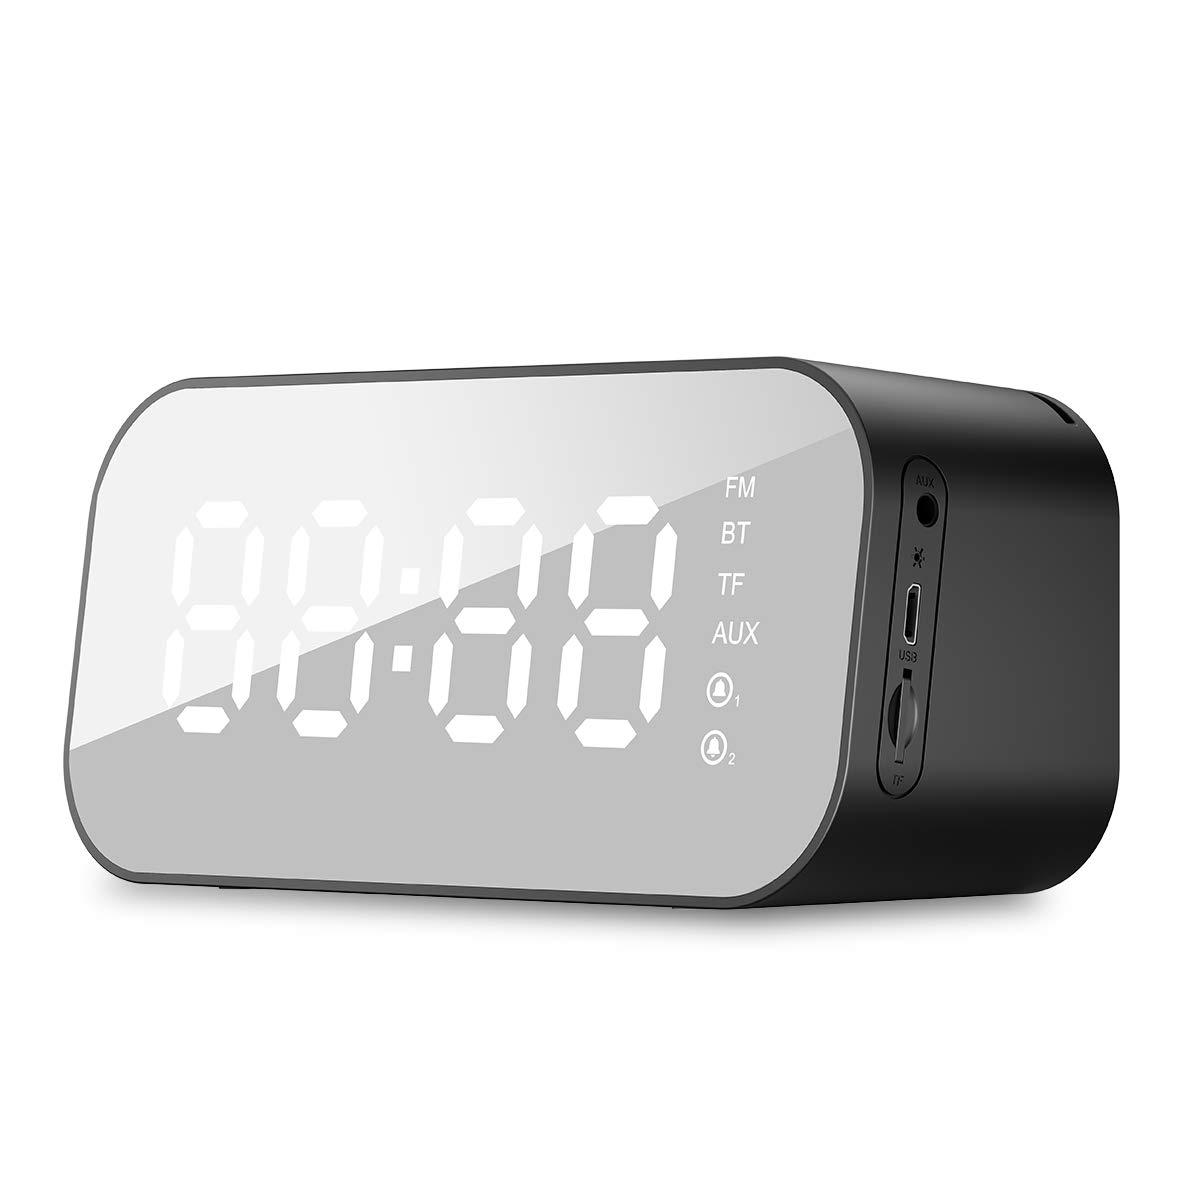 HAVIT Reloj Despertador Digital Altavoz Bluetooth,5.6 Temperatura de Temperatura LED, Alarma Doble,